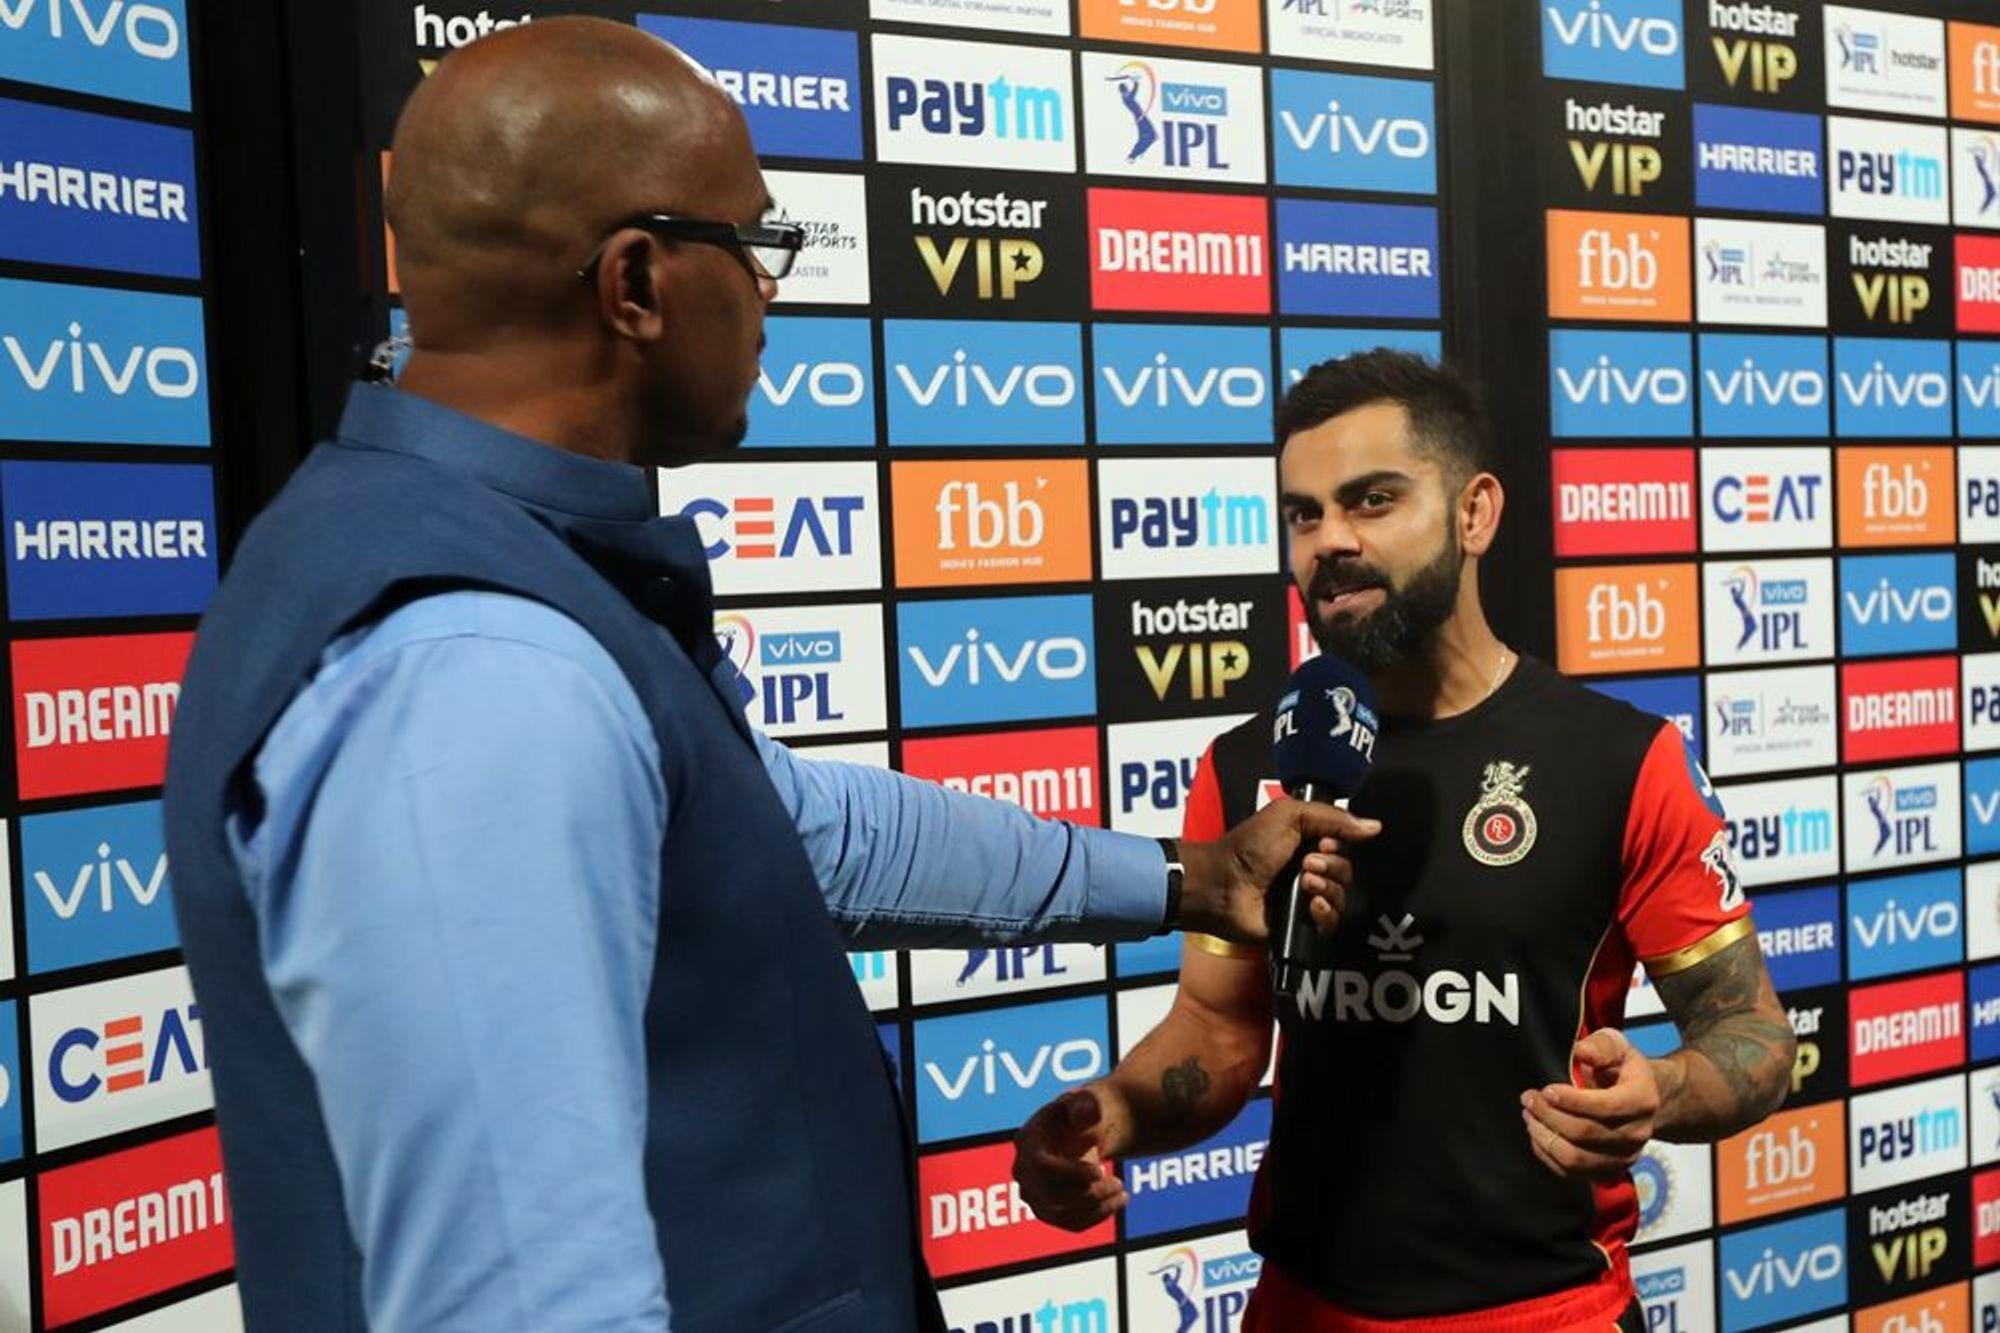 RCBvsCSK: जीत के बाद कोहली ने धोनी के लिए कहा कुछ ऐसा, जीत लिया करोड़ो हिन्दुस्तानियों का दिल